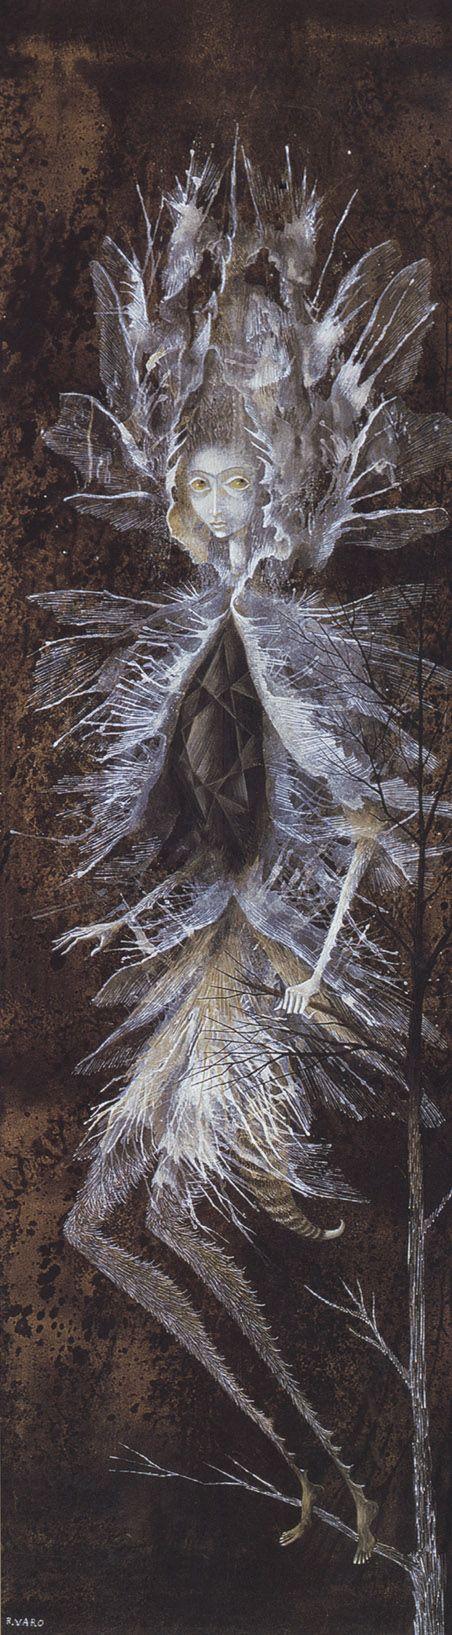 Remedios Varo, no es considerada como simbolista, se le asocia al surrealismo, pero por lo pronto estará  en este board.